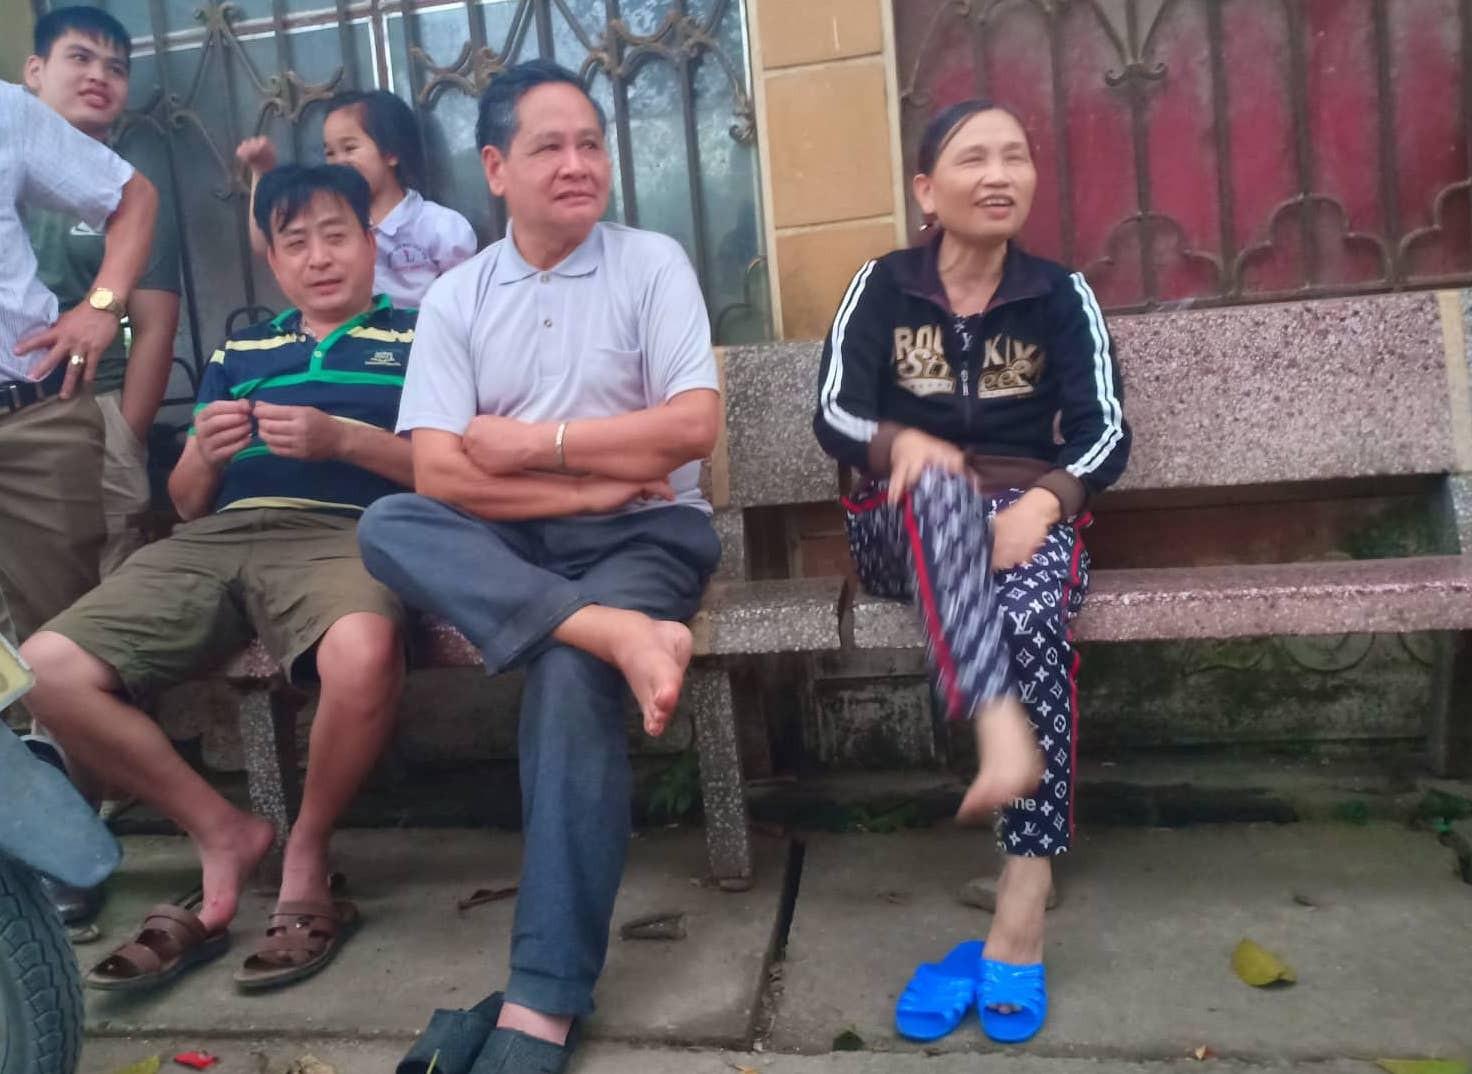 Hàng xóm, đồng nghiệp nói gì về thầy giáo bị tố dâm ô nhiều học sinh ở Bắc Giang? 1